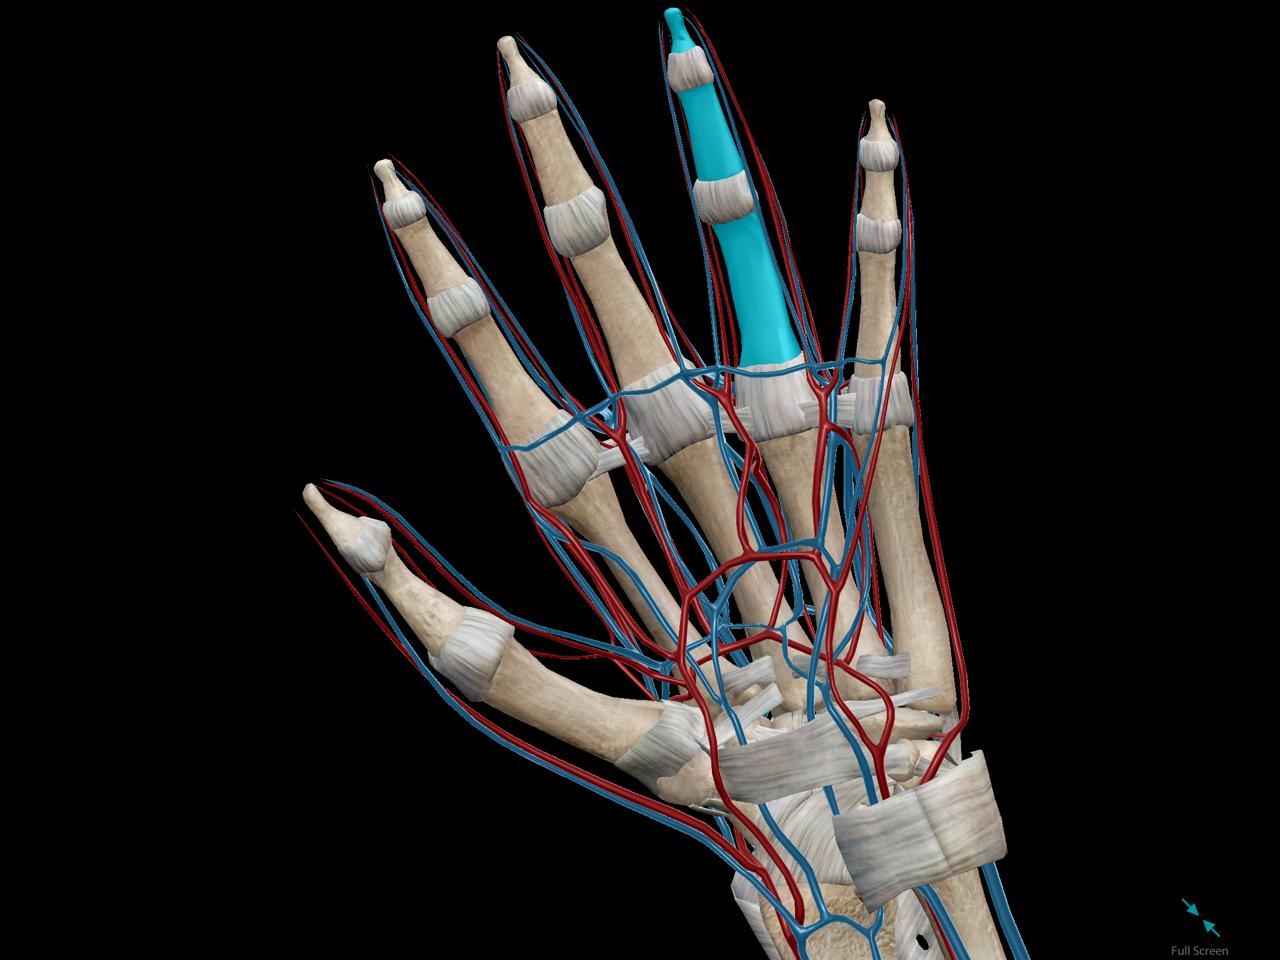 Ring finger vein to heart